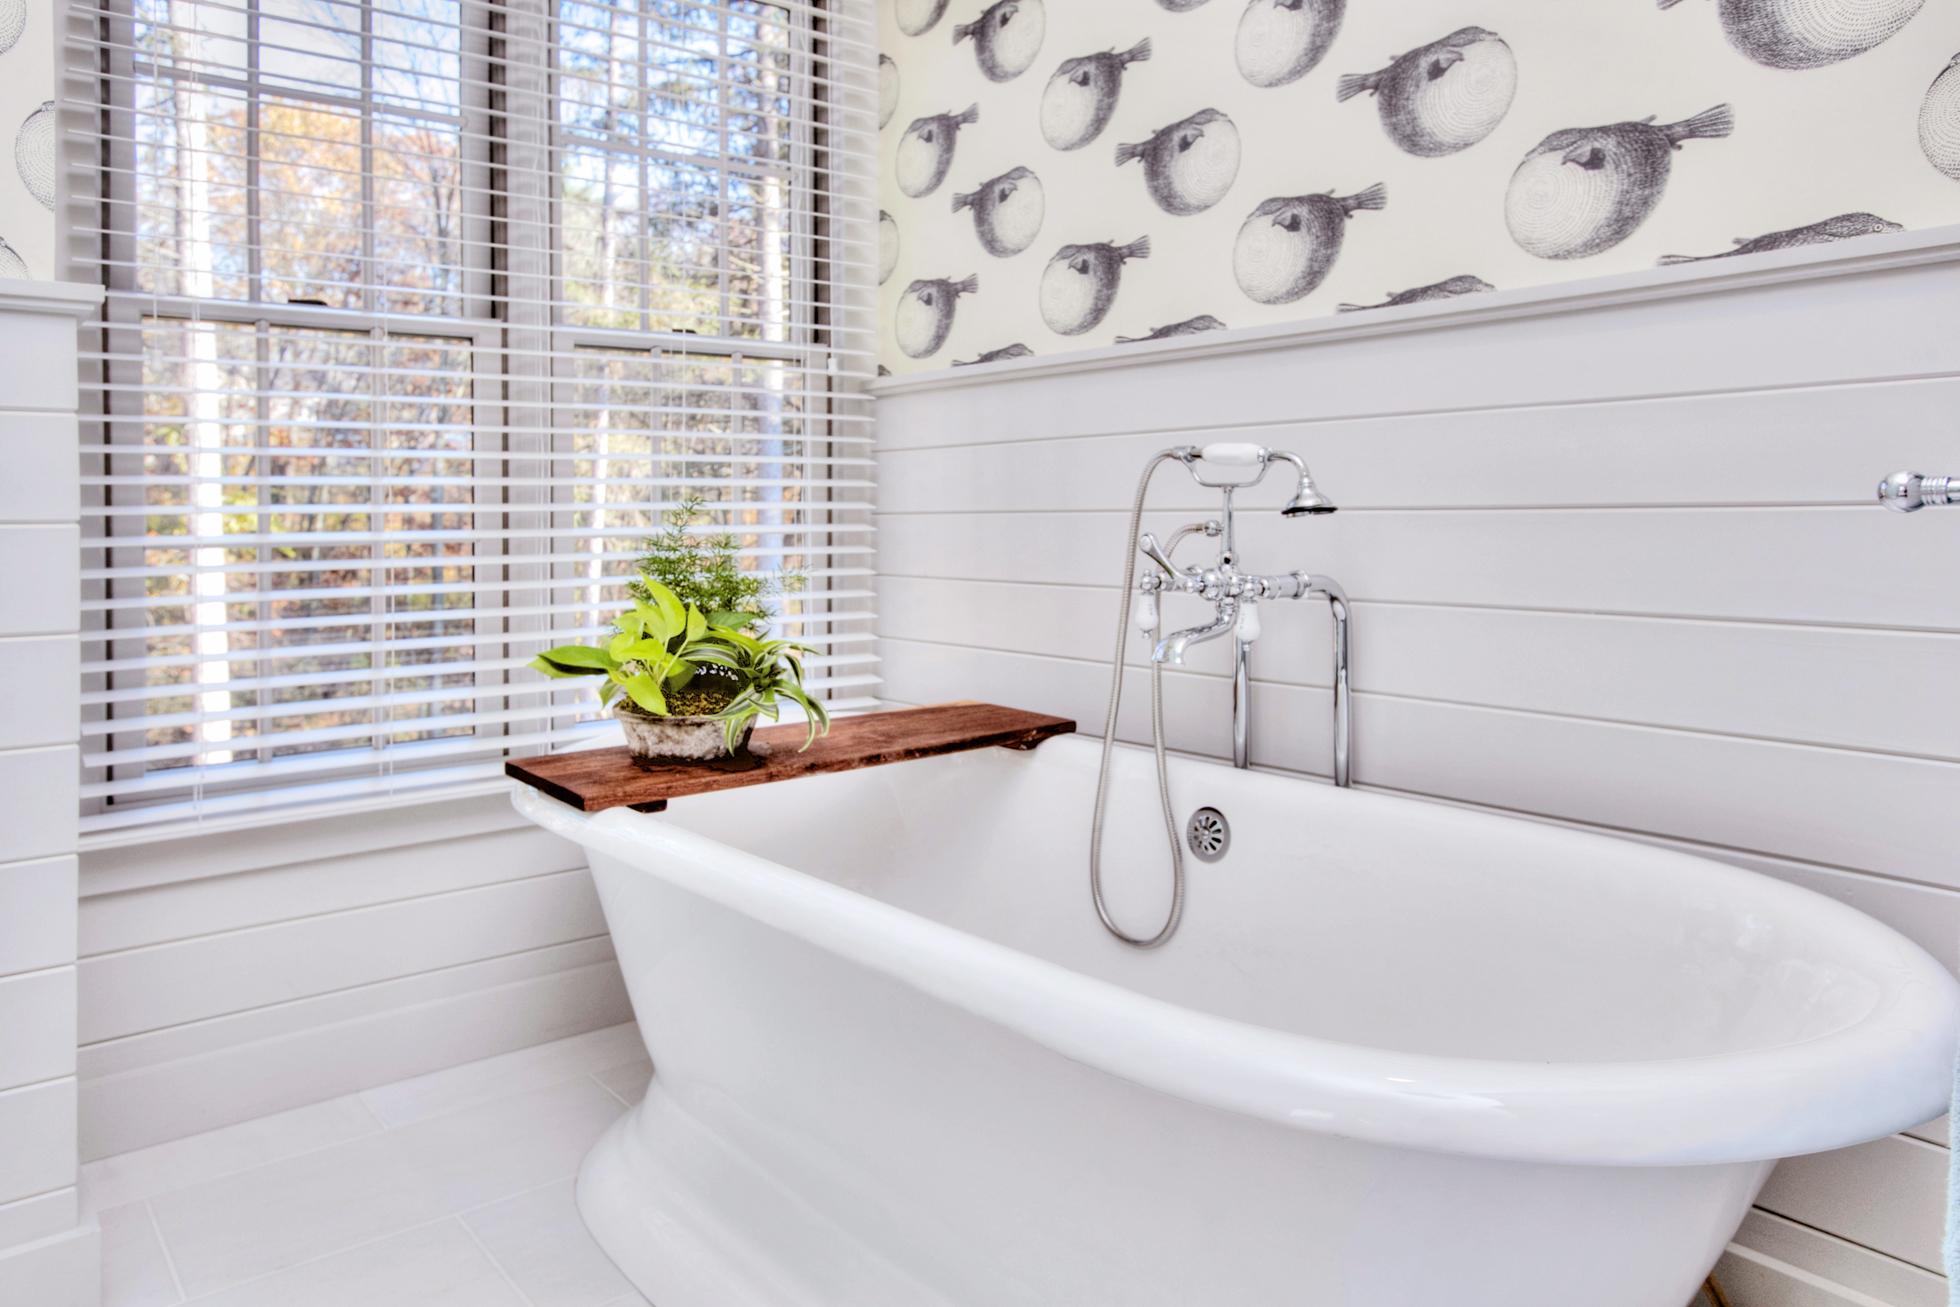 A white cast iron tub in a white bathroom